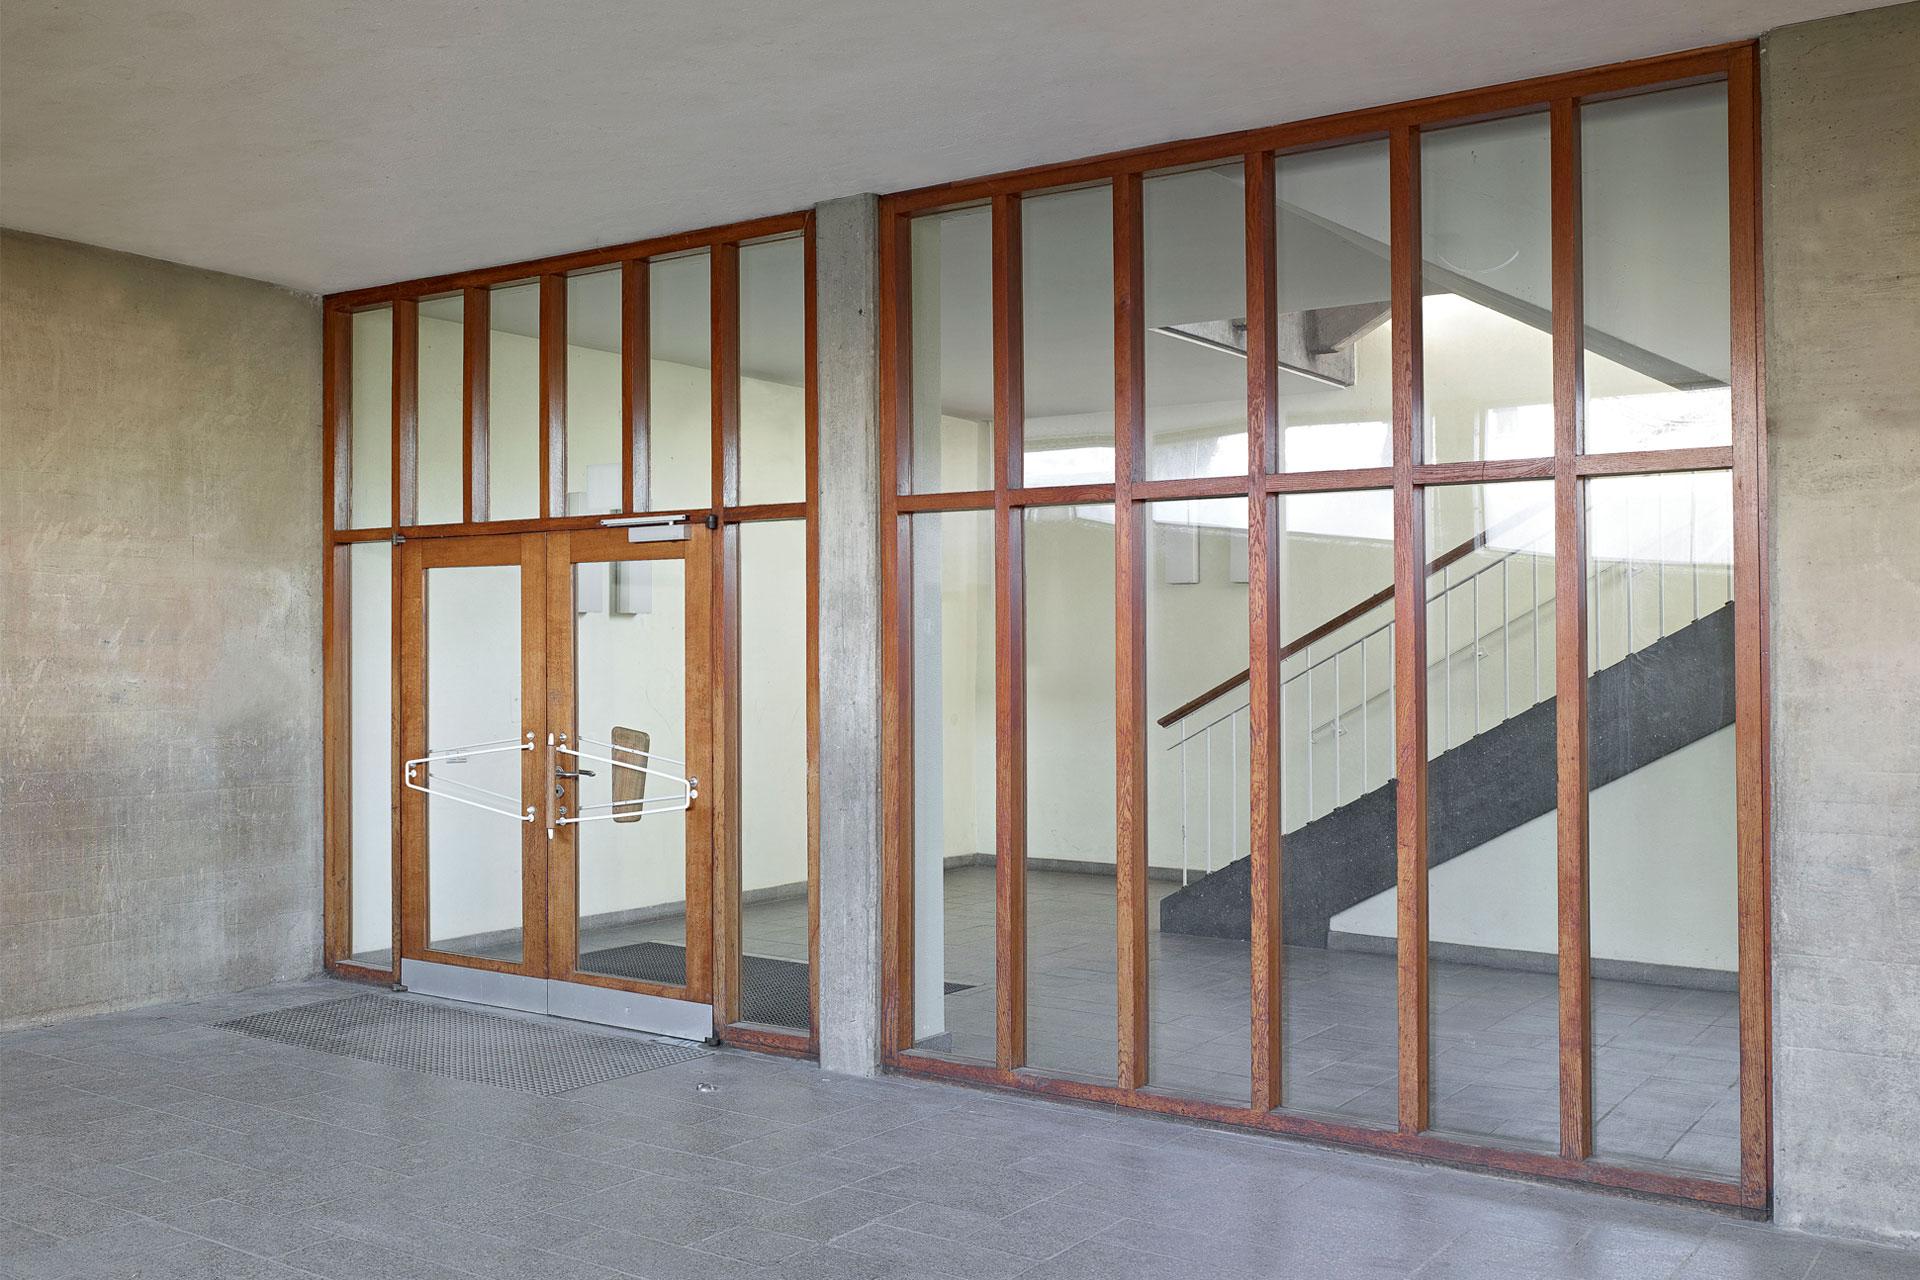 Eingangstüren der Haldenrainschule